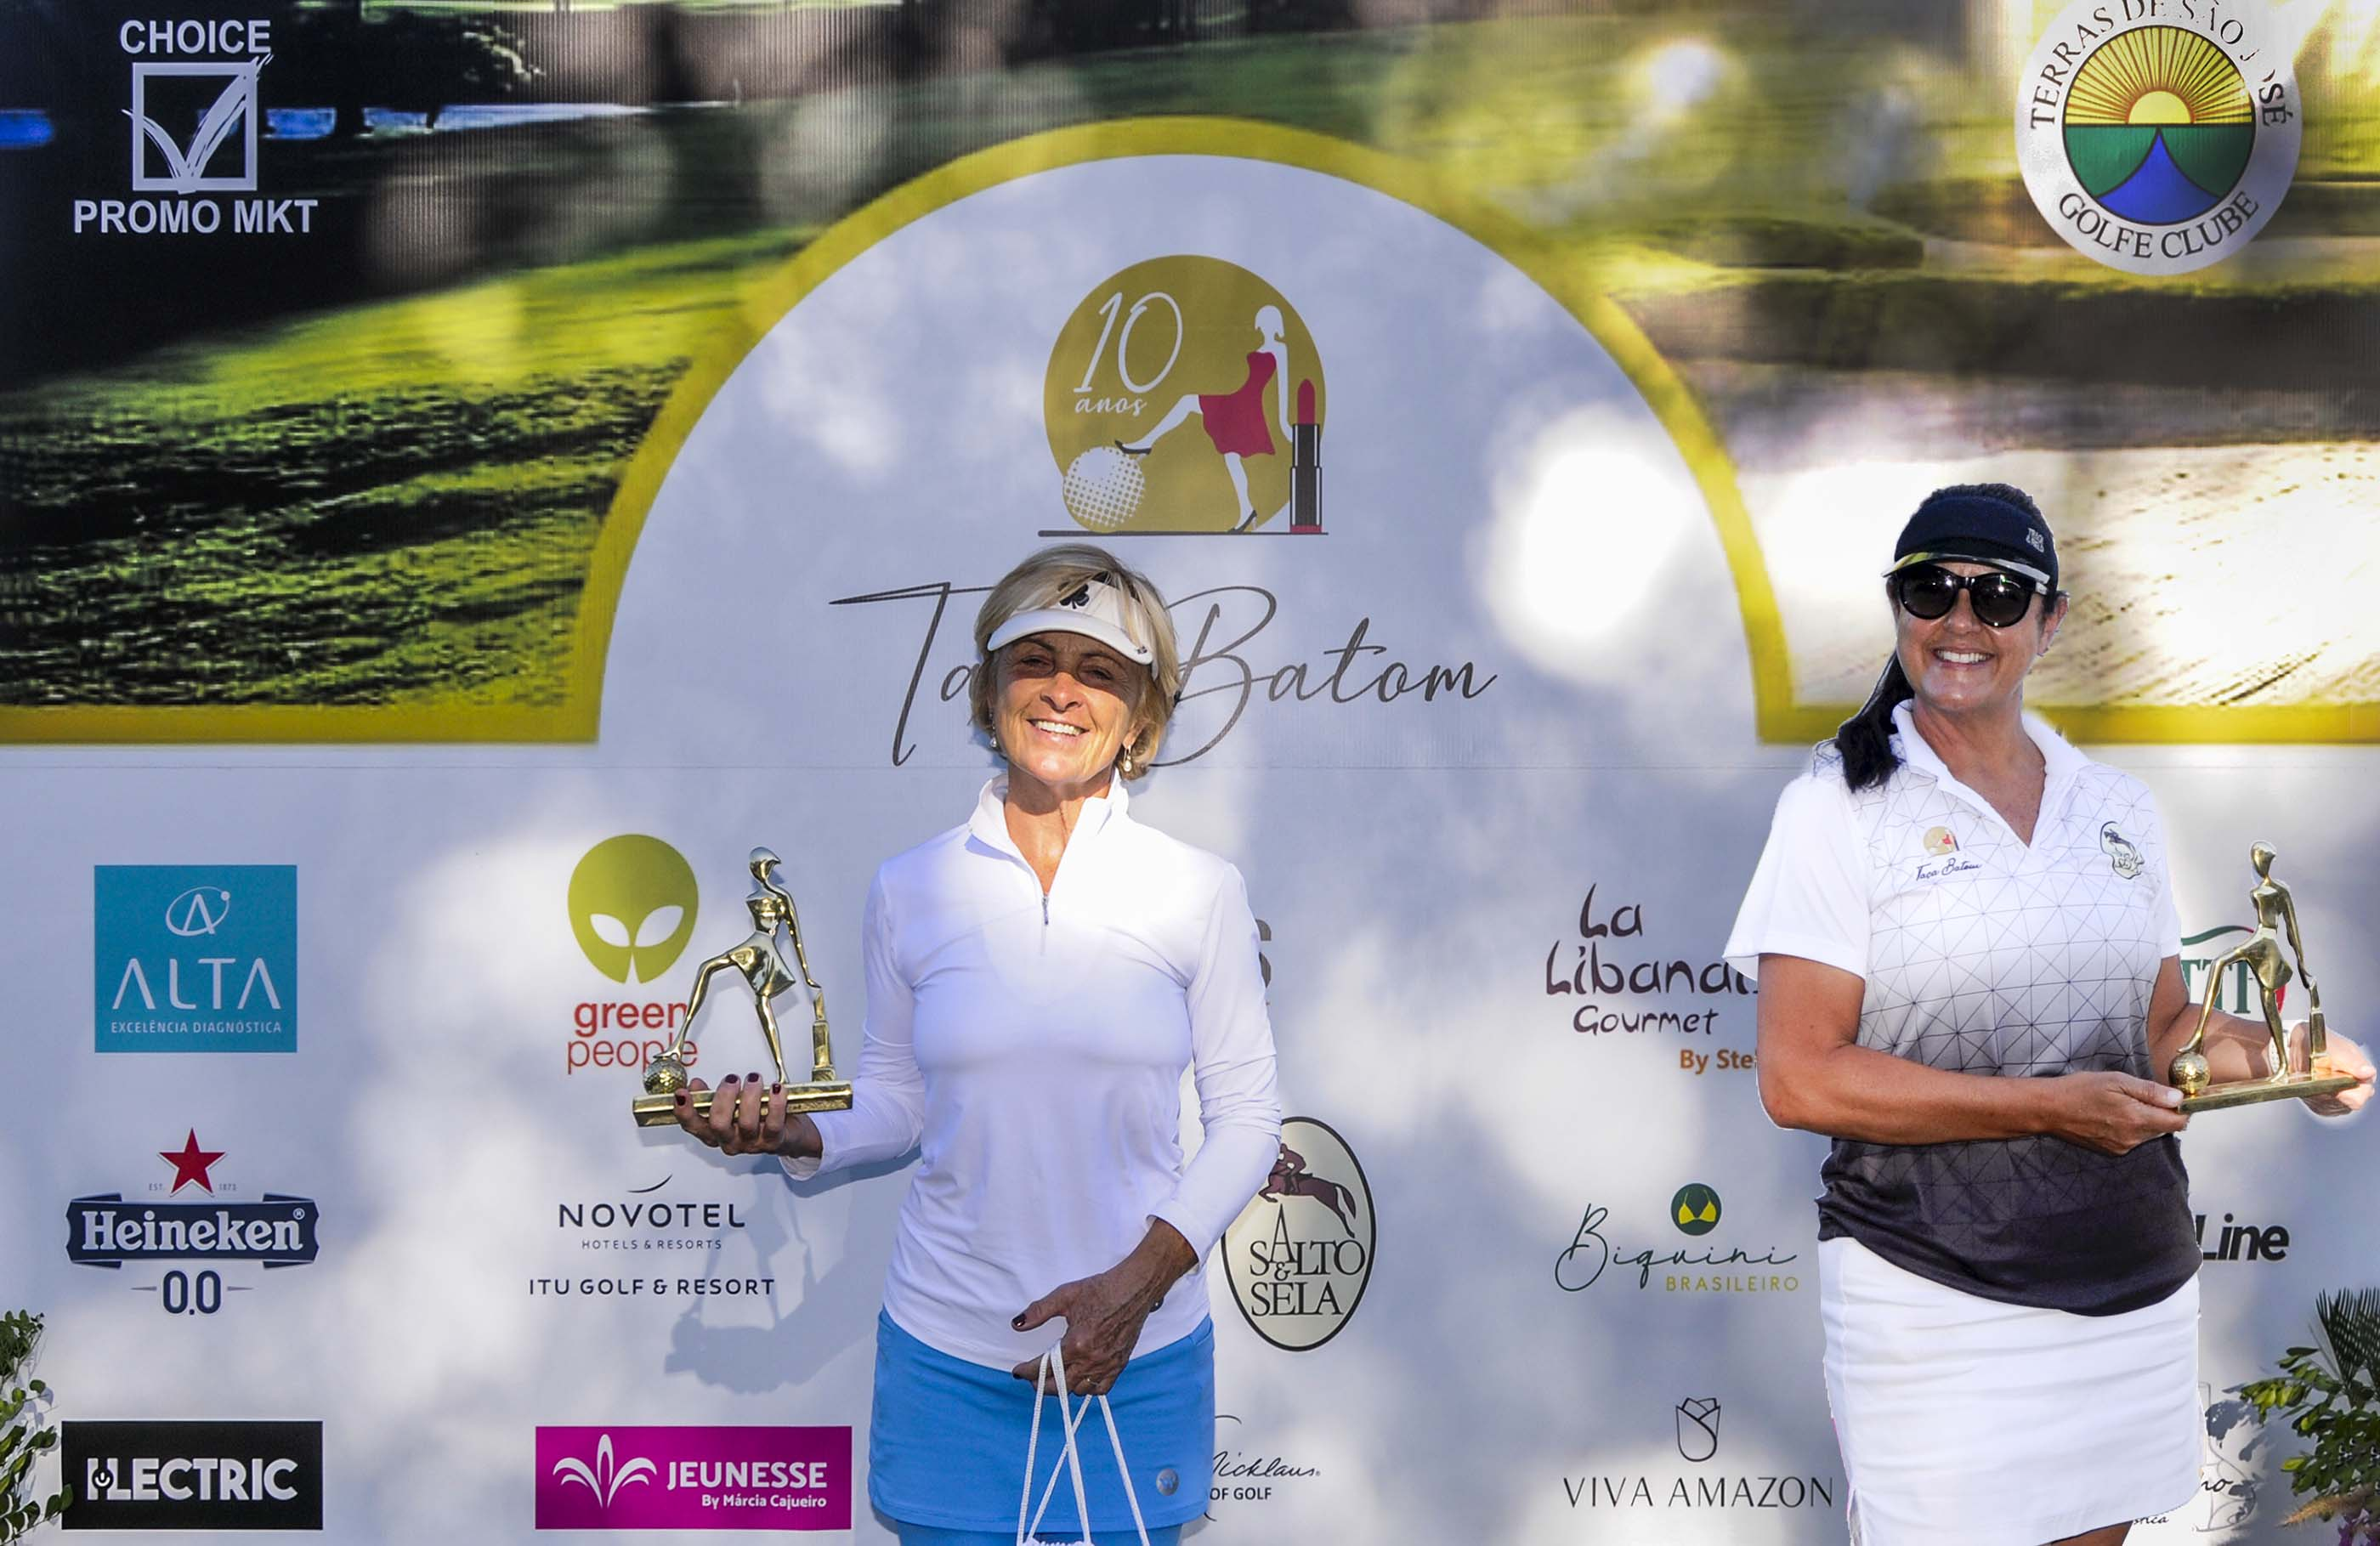 Nice Terni e Silvia Cardoso vencem torneio que comemorou os 10 anos da Taça Batom